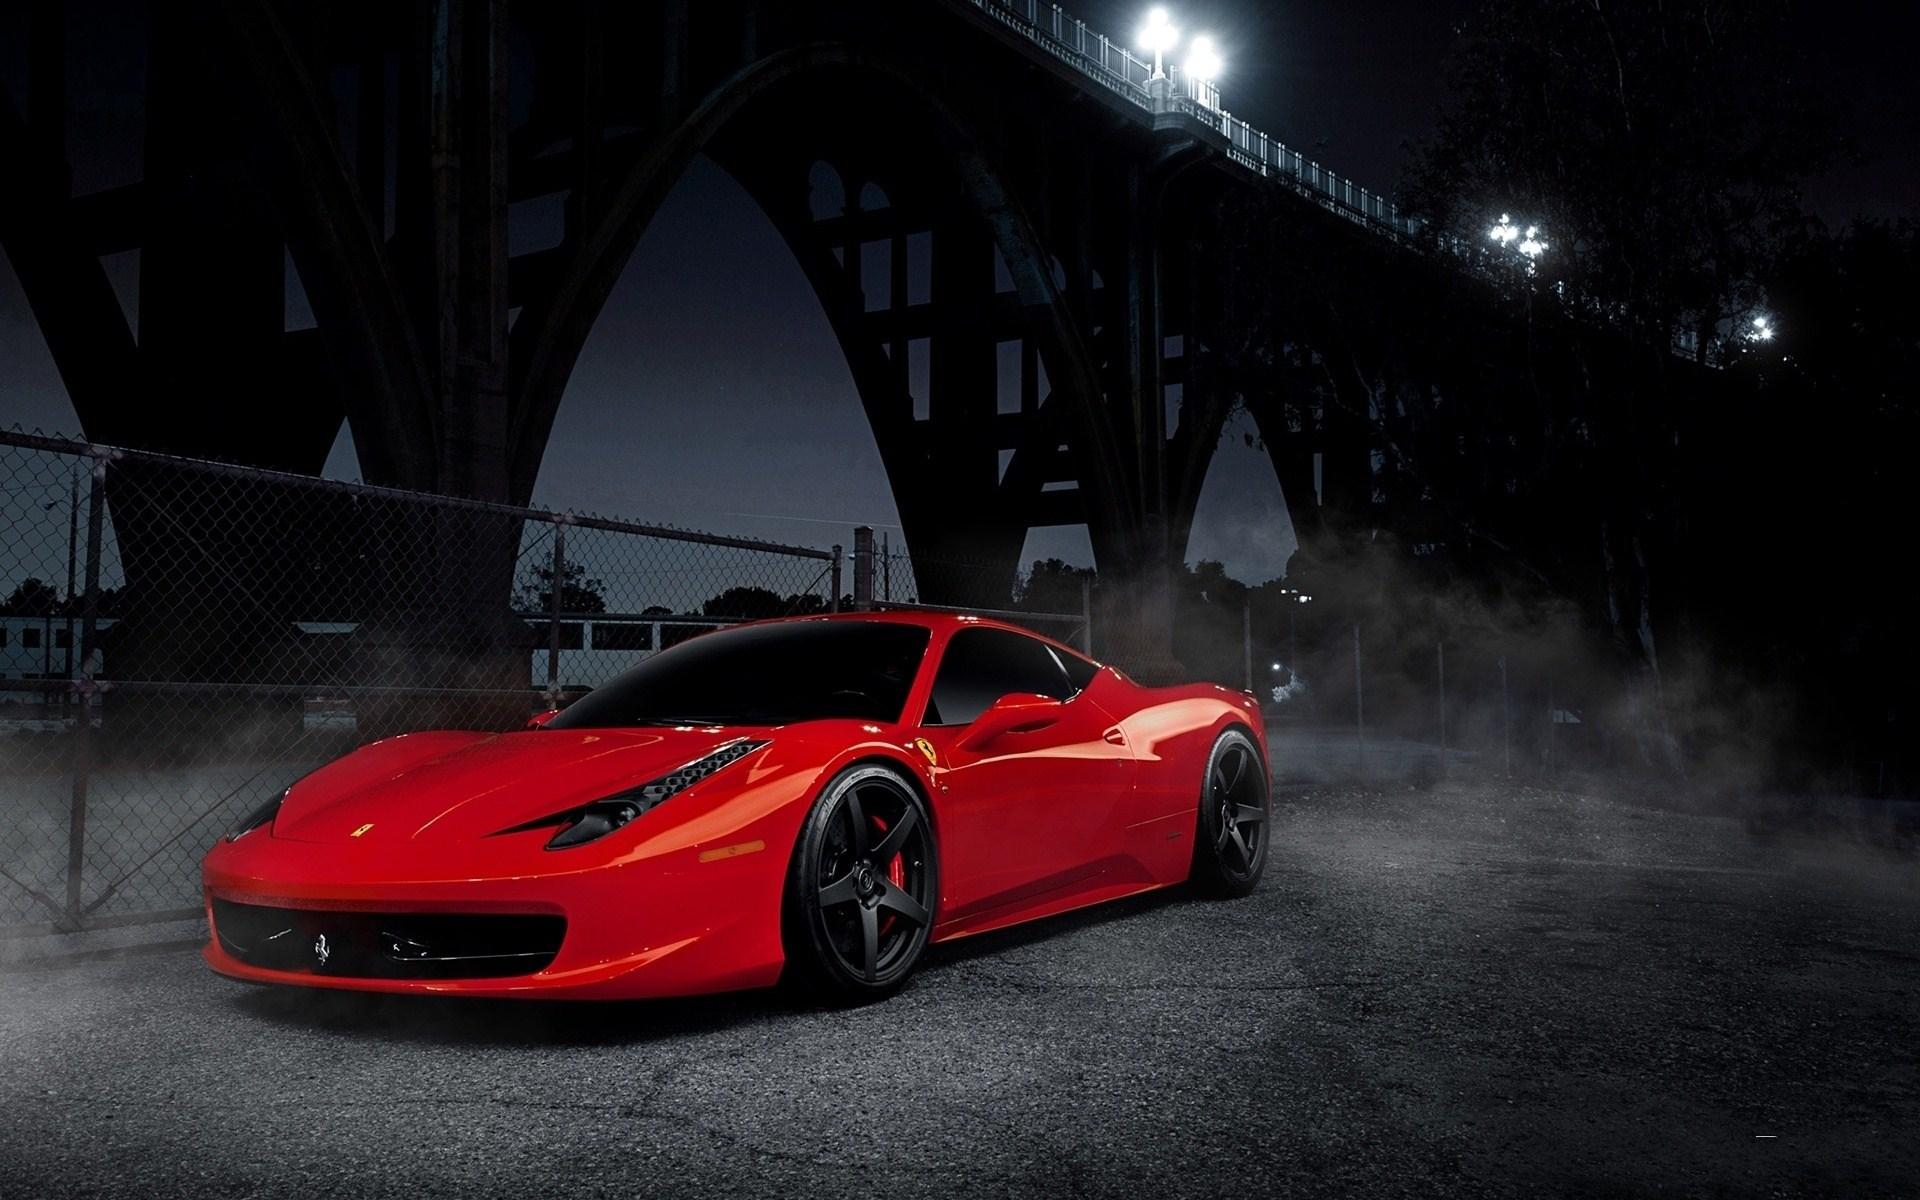 Red Ferrari 458 Italia Wallpaper for iPhone